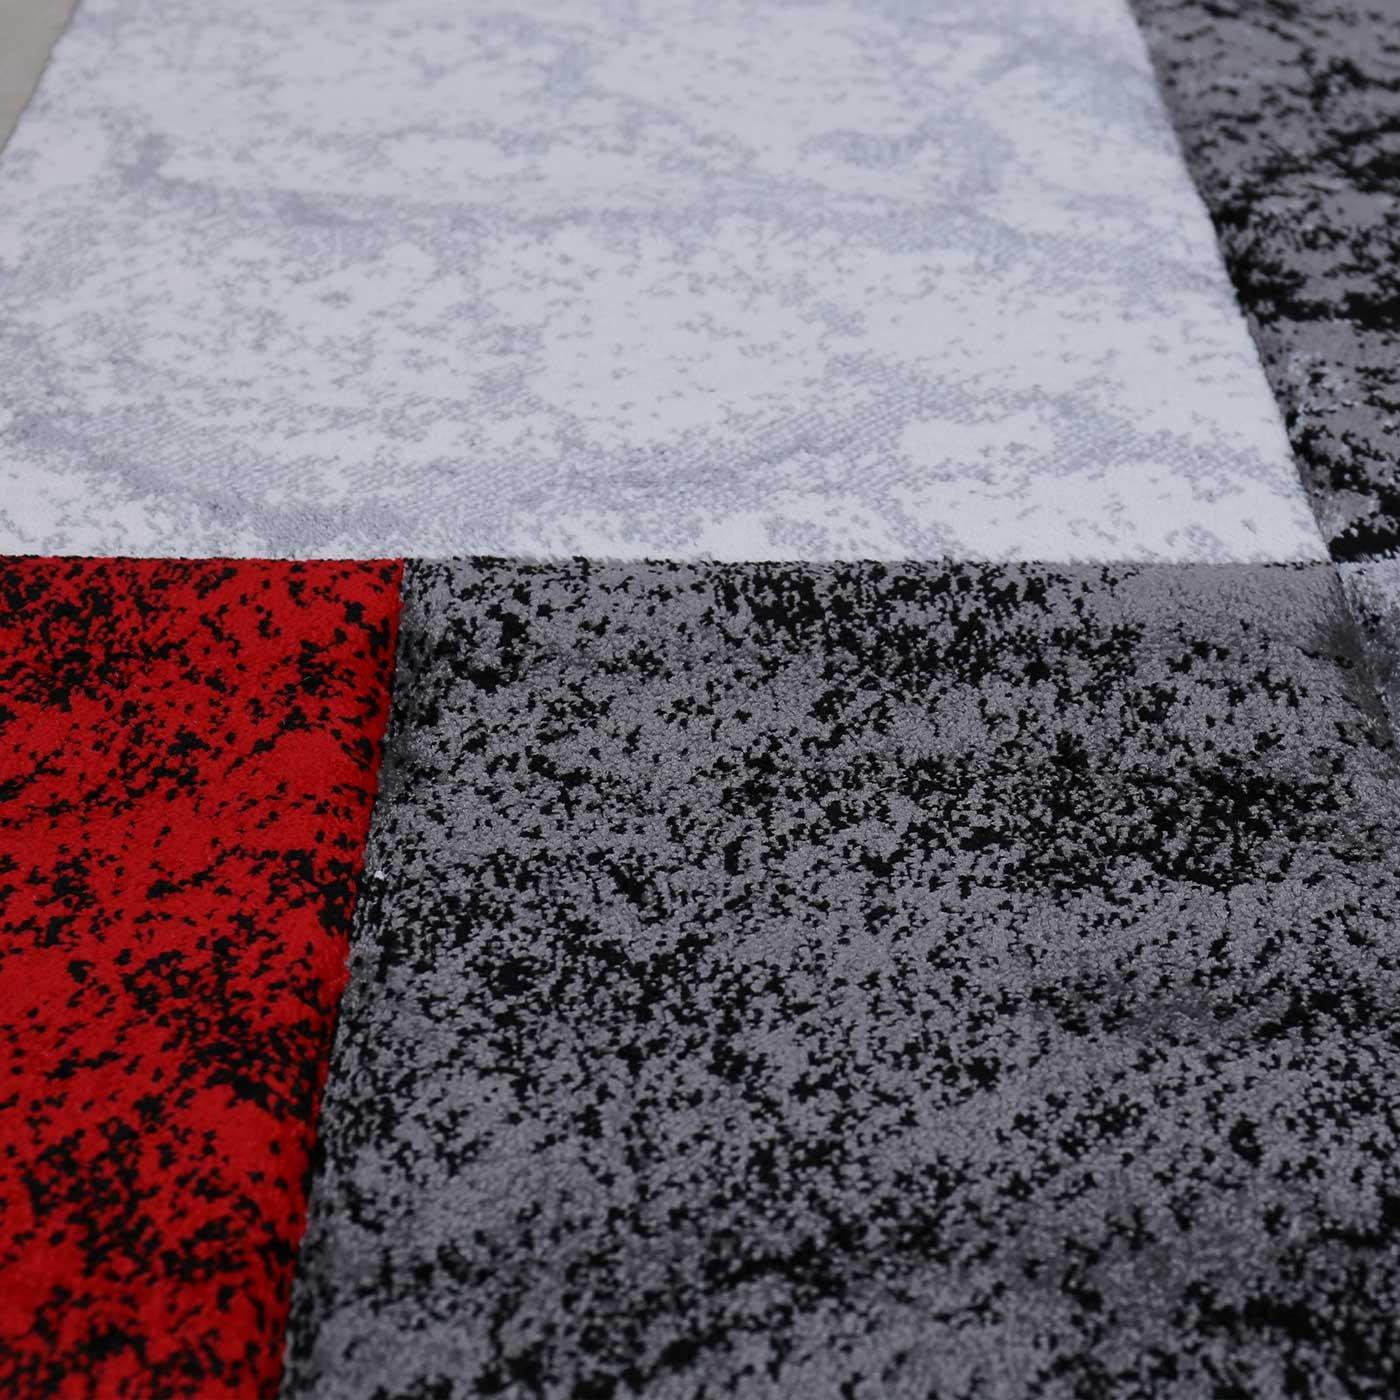 VIMODA Wohnzimmer Teppich Modern Schwarz Rot Grau Marmor Stein Stein Stein Optik Velours, Maße 120x170 cm B06WGSS1FM Teppiche ecfde8